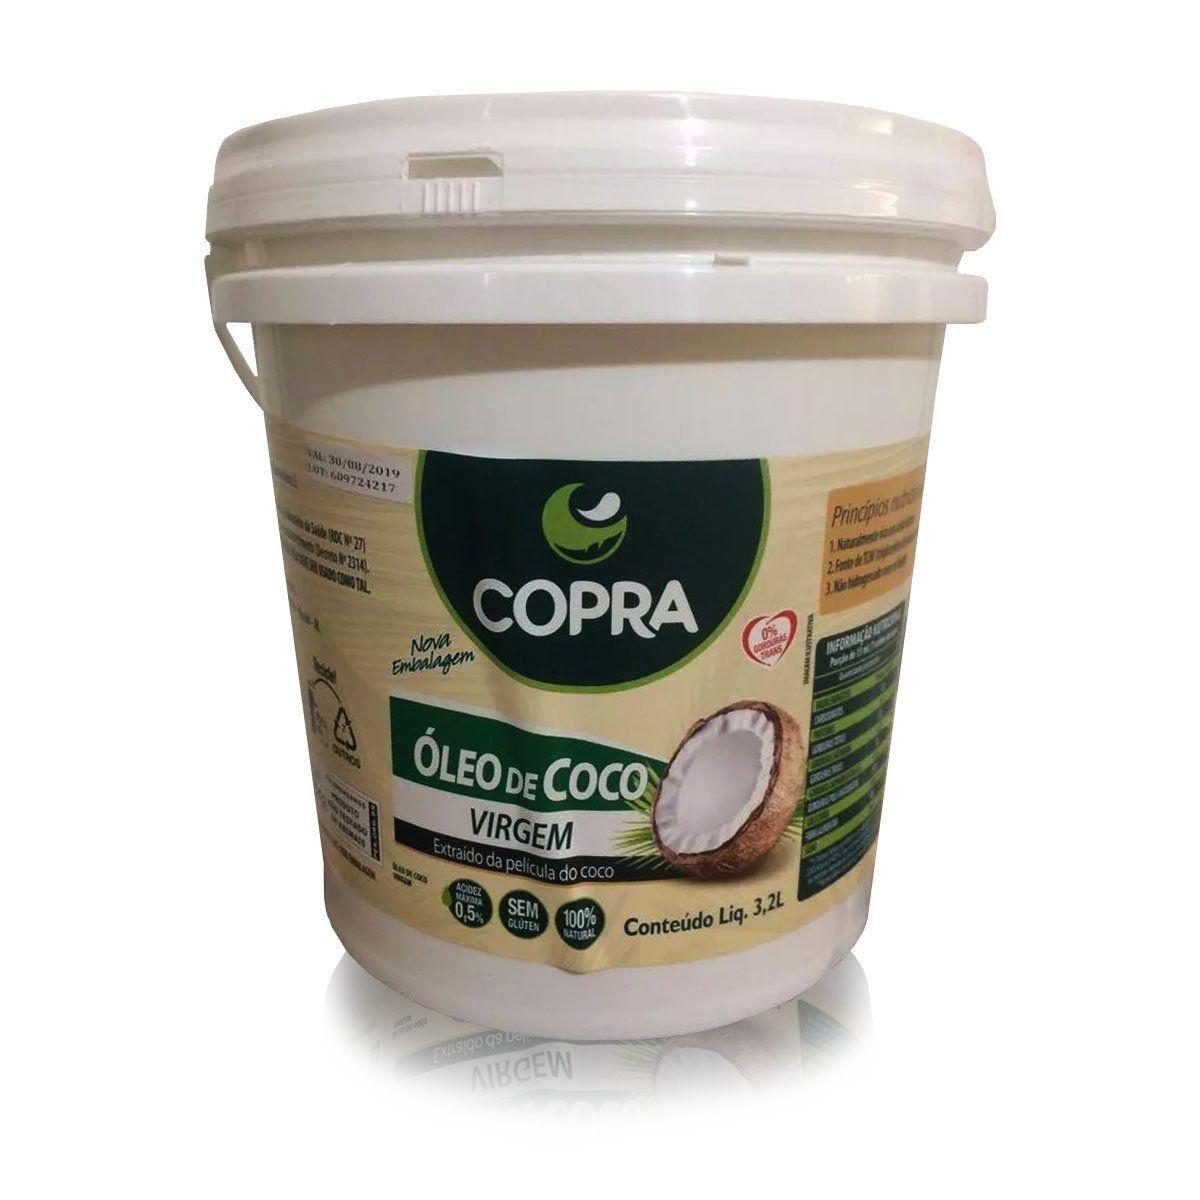 Oleo de Coco Virgem 3,2 Litros - Copra